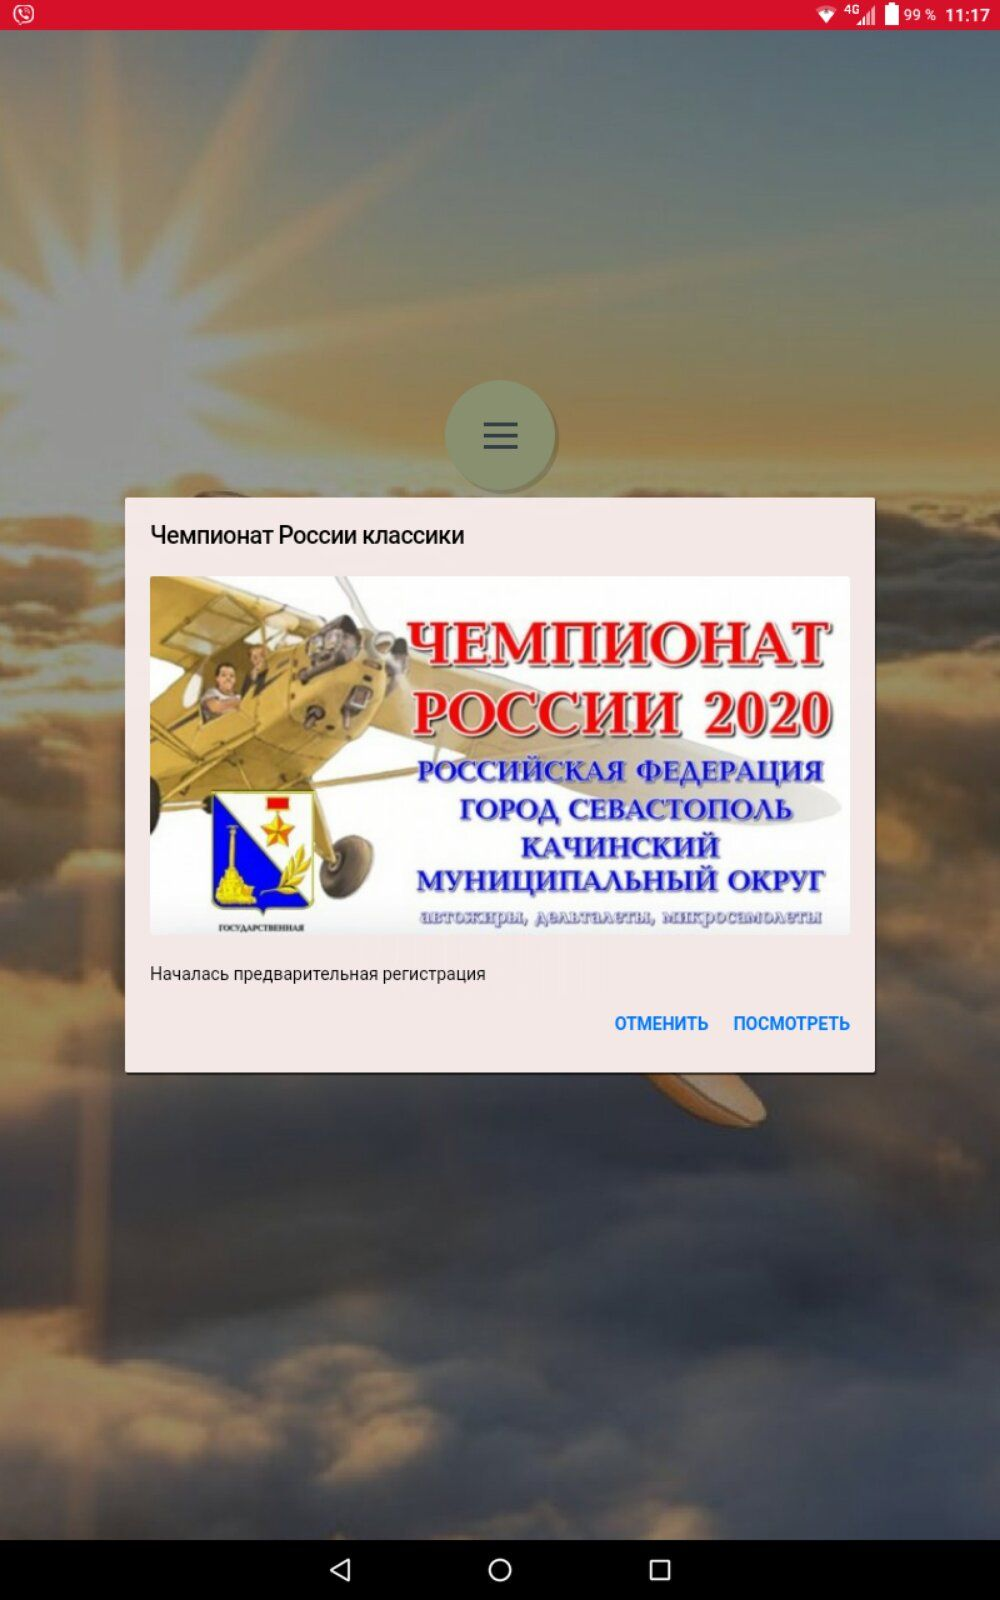 Пуш о начале регистрации на Чемпионат России 2020.jpg